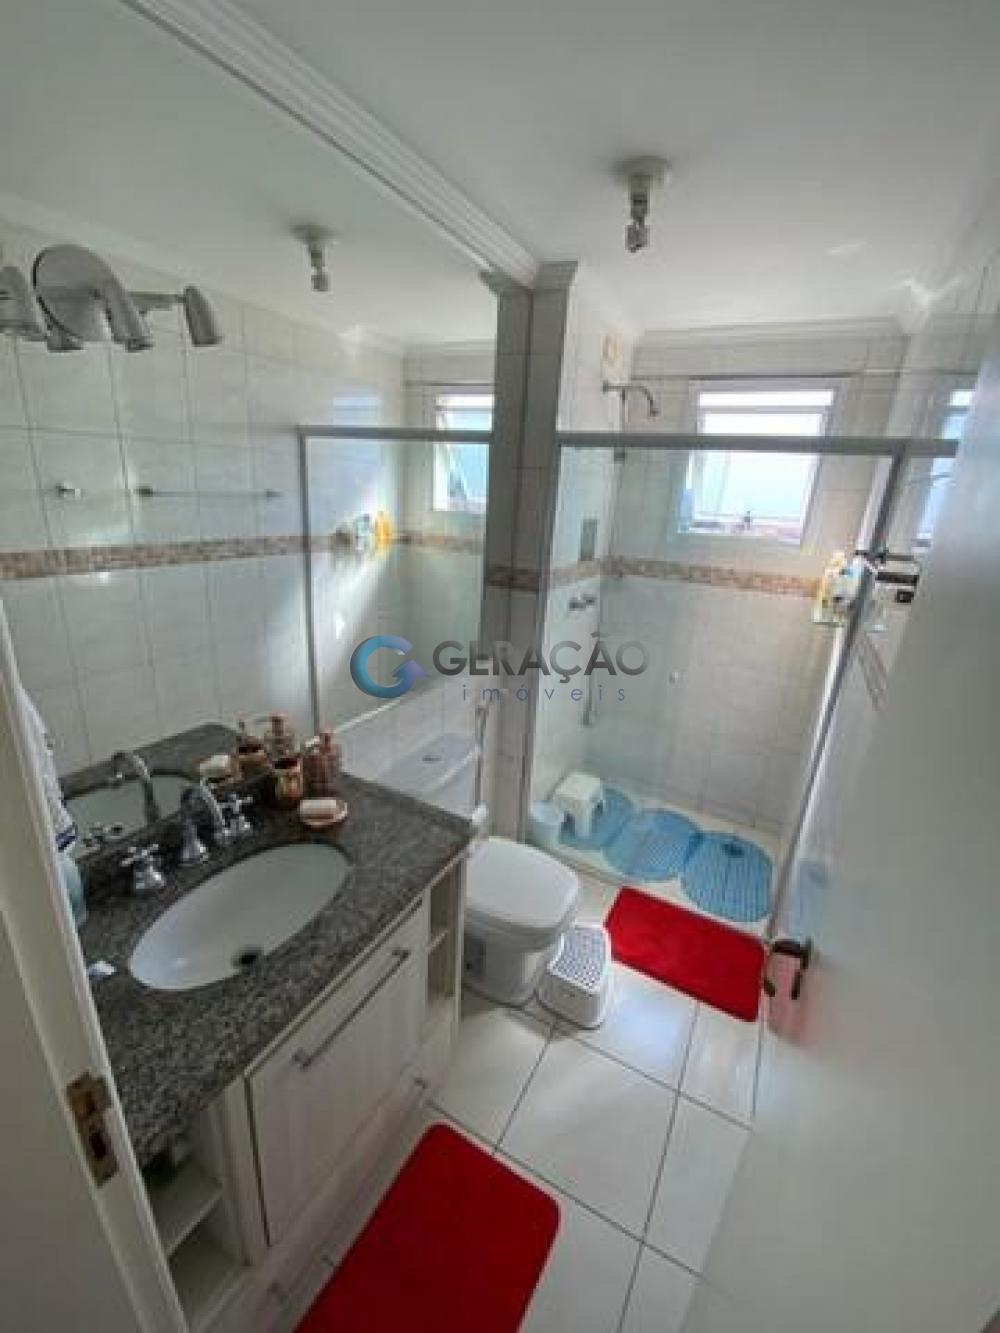 Comprar Apartamento / Padrão em São José dos Campos R$ 640.000,00 - Foto 13